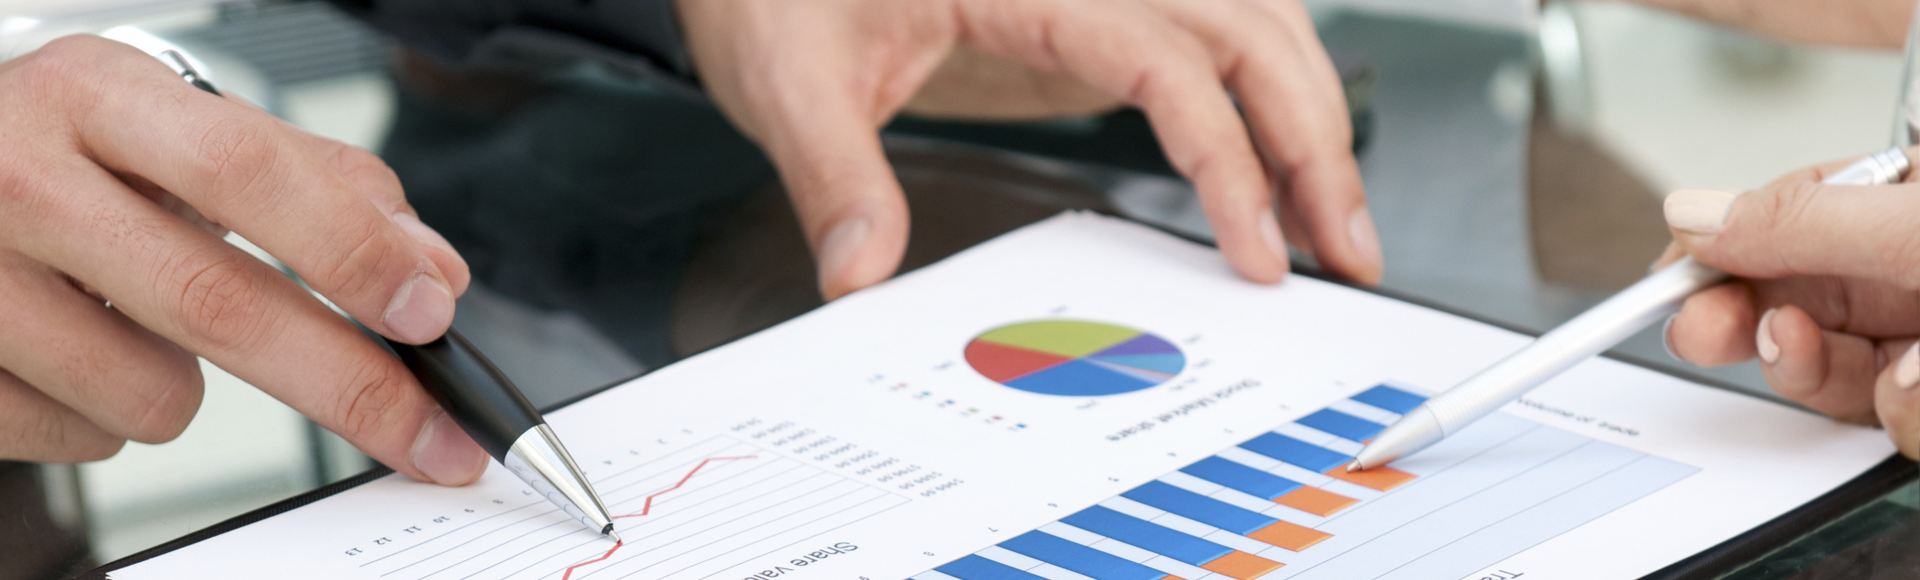 Утверждена форма отчета об использовании доходов (прибыли) неприбыльной организации